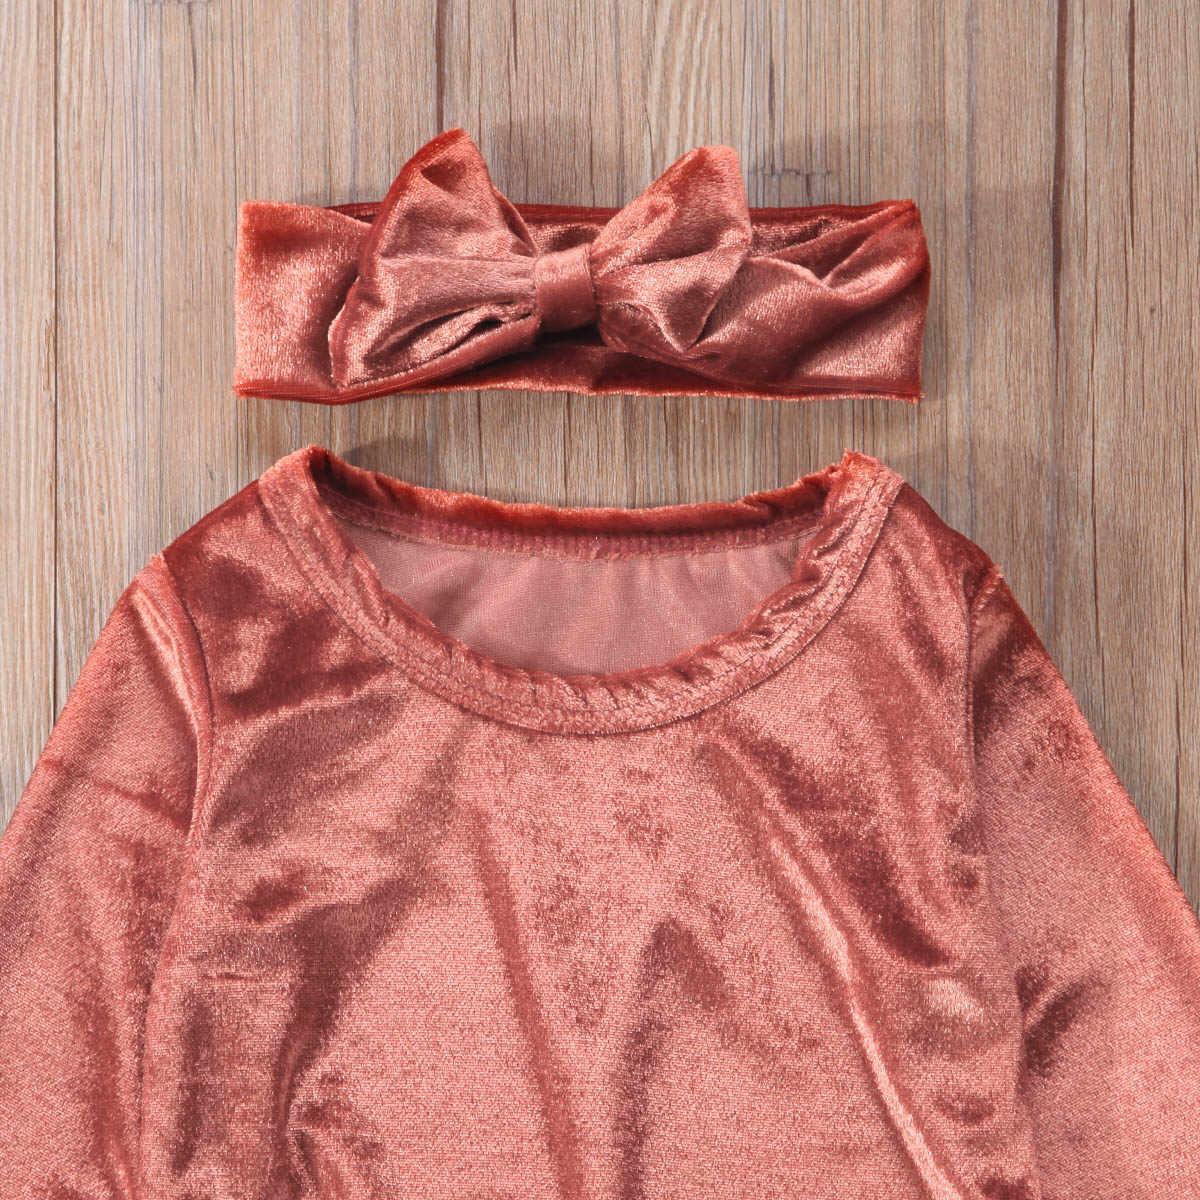 Весенний свитер для новорожденных девочек, одежда, бархатная футболка, топ + длинные штаны + набор из повязки на голову с бантом, для детей 0-24 месяцев